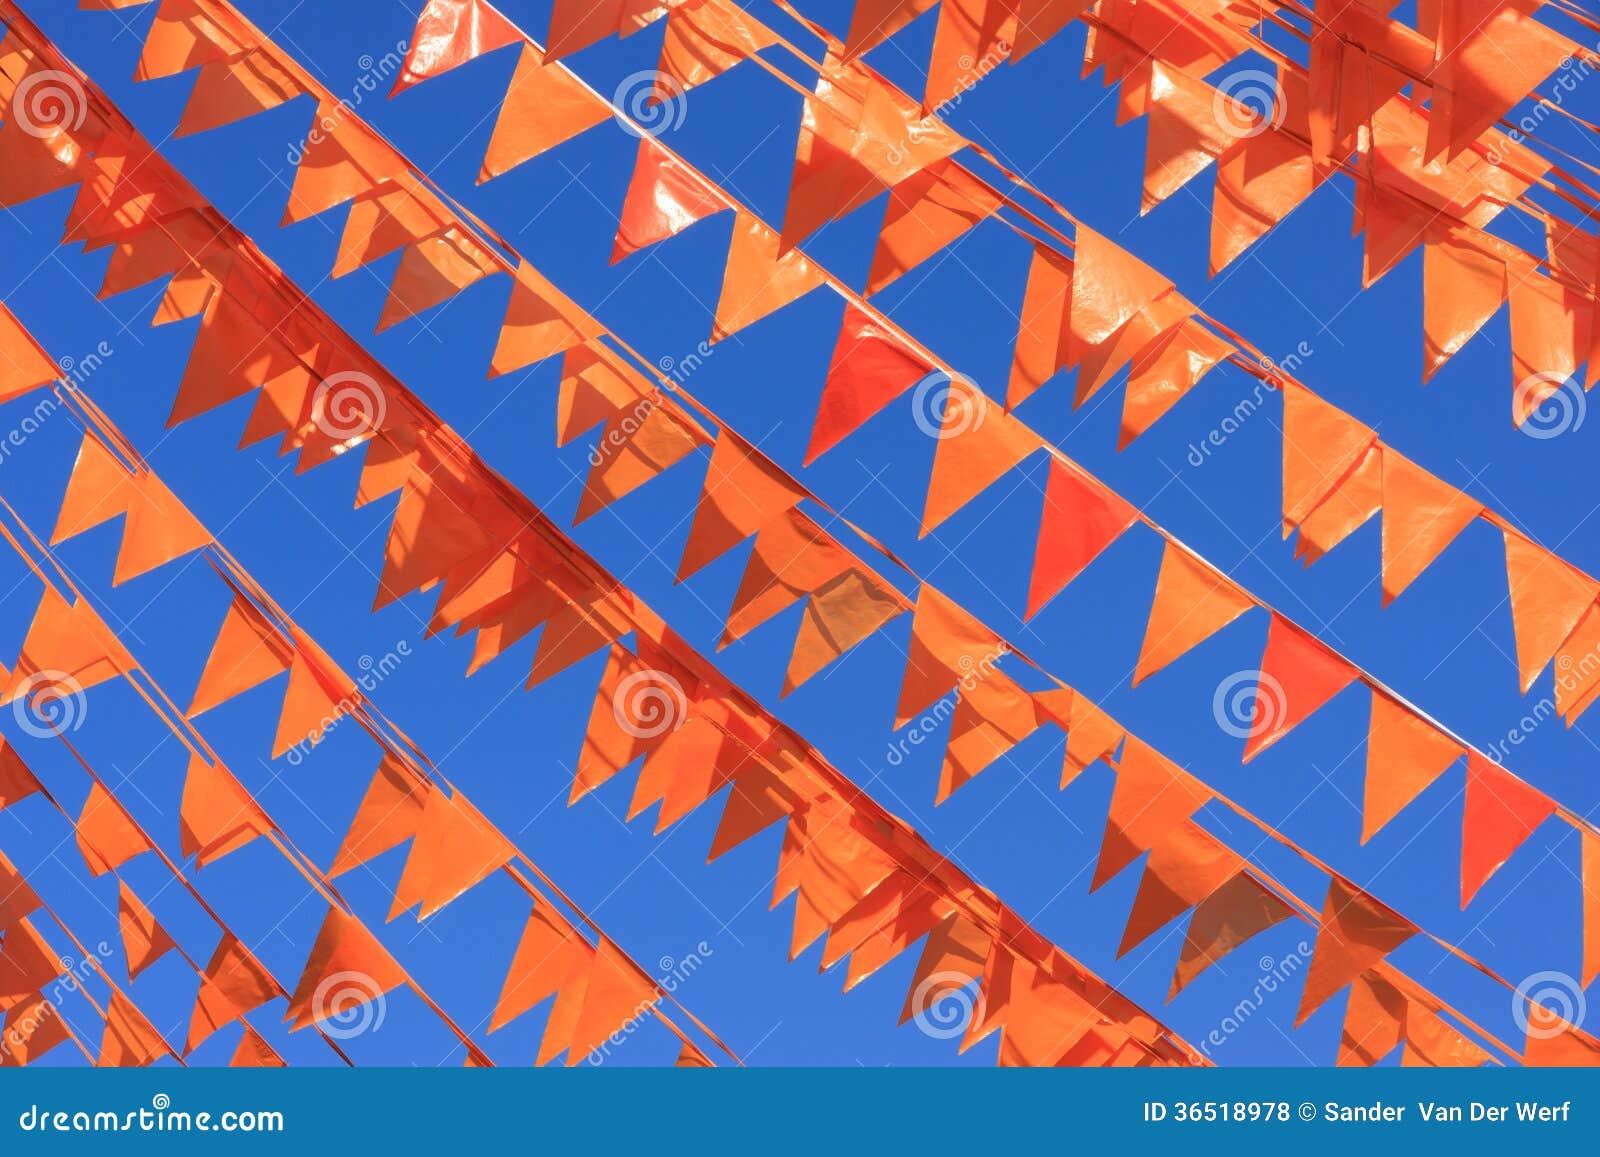 Drapeaux oranges